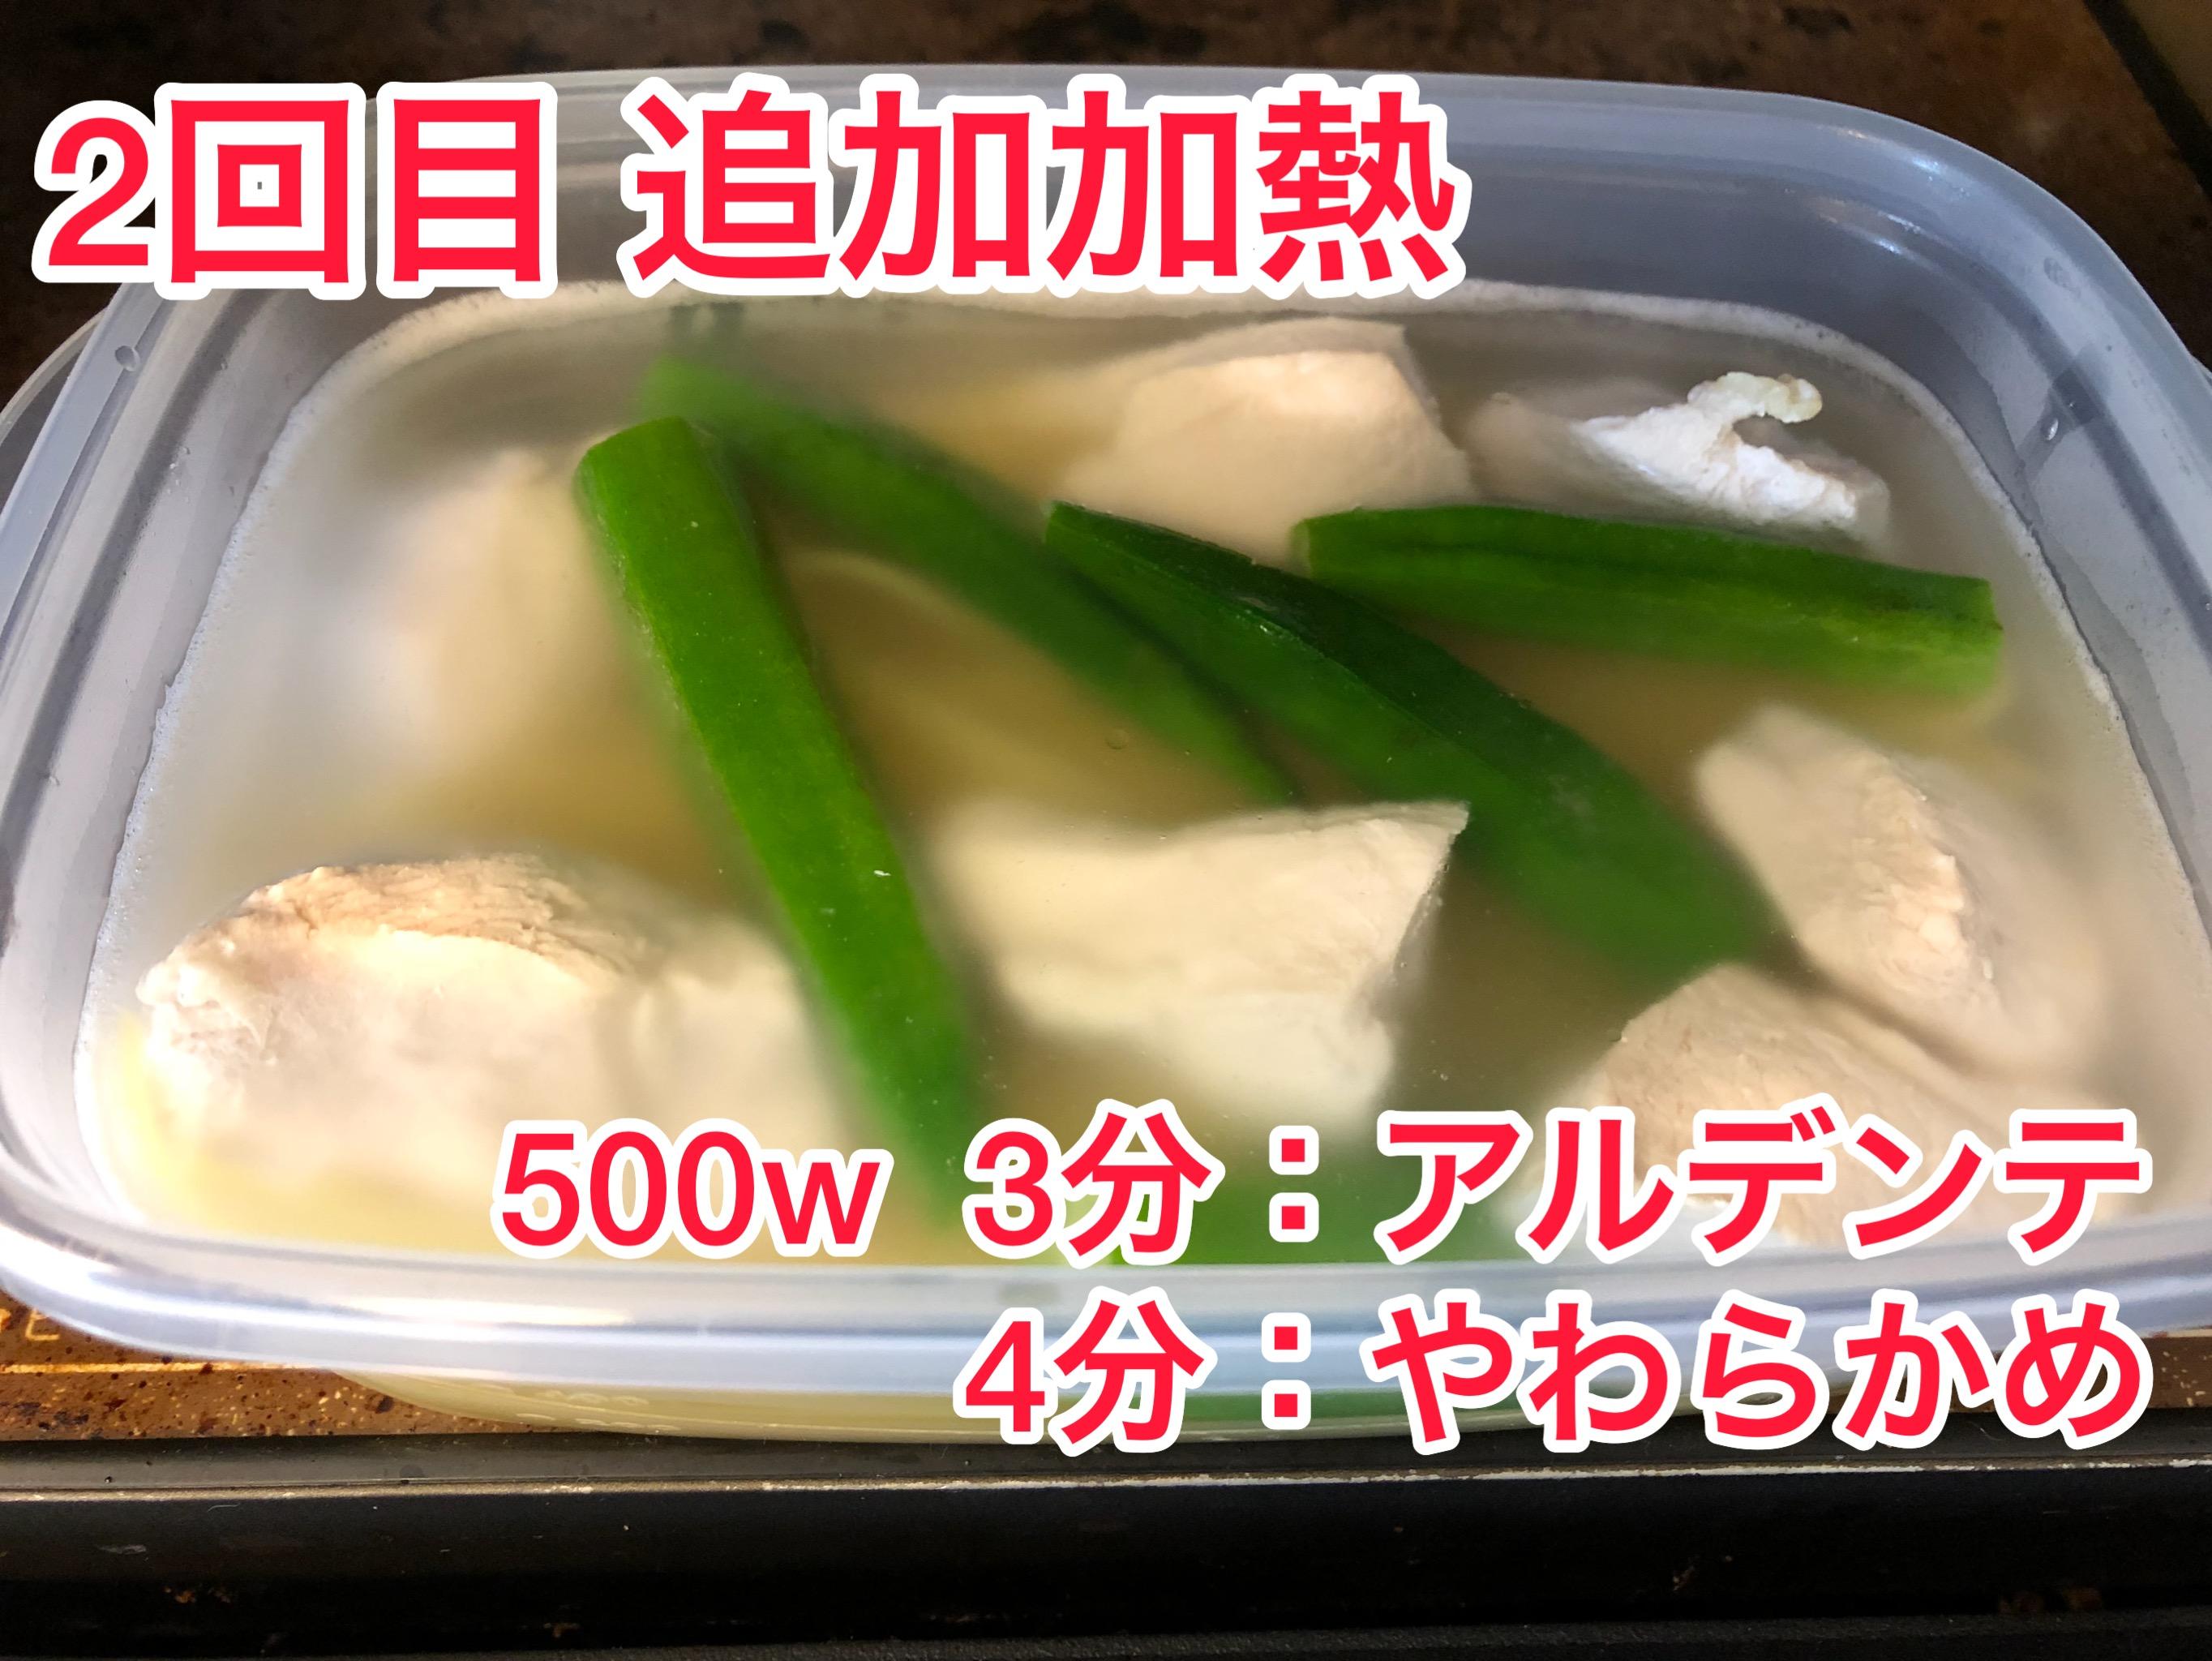 用意した野菜や茹でた胸肉を入れ2回目の過熱をする(3分~4分)